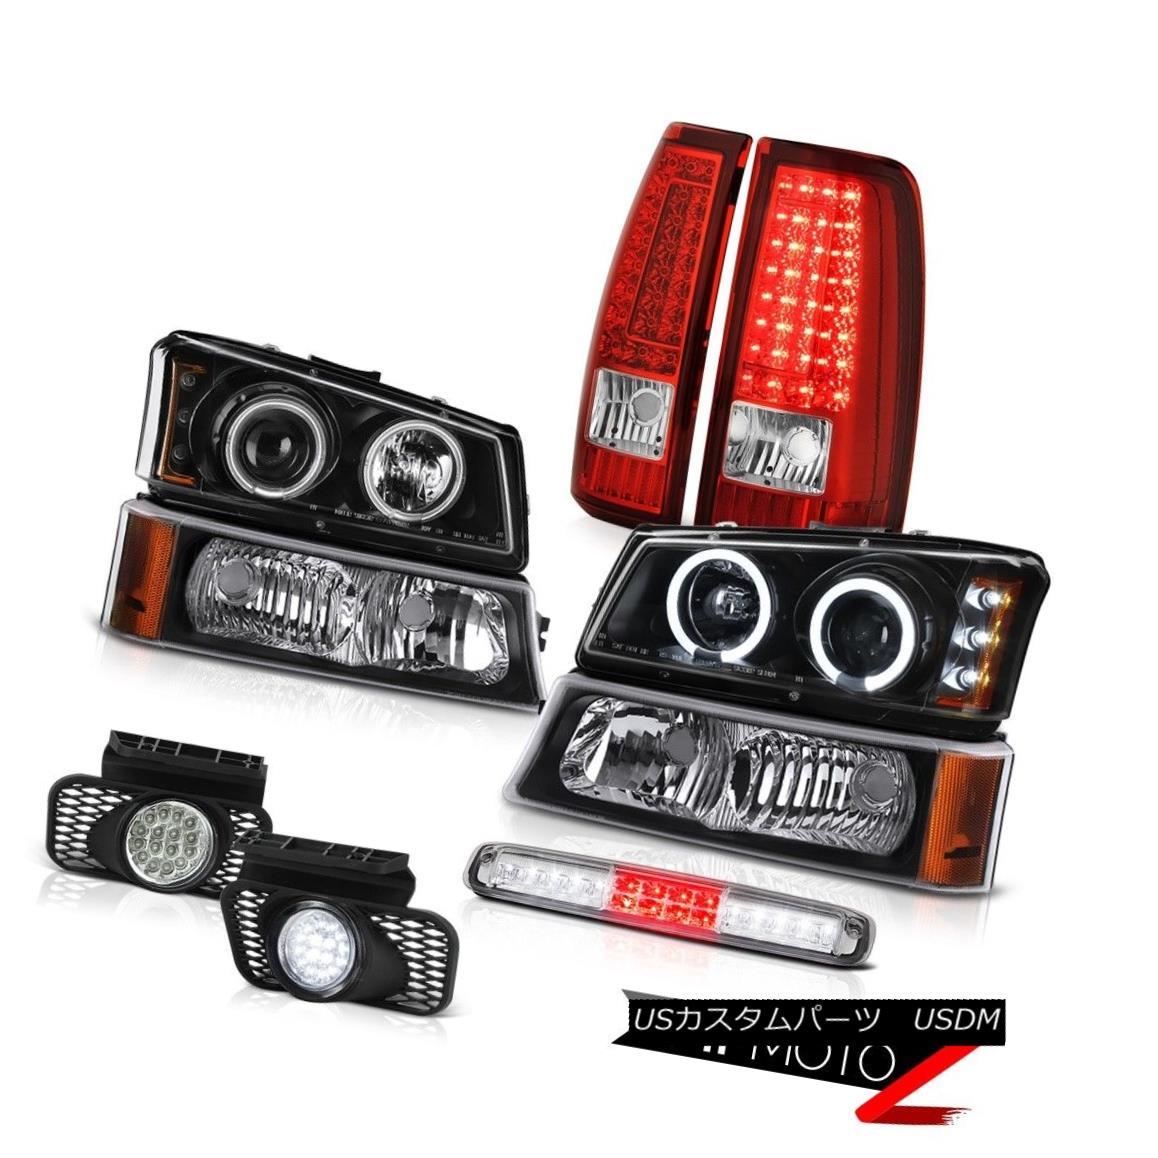 テールライト 2003-2006 Silverado 3RD Brake Light Fog Lights Red Tail Lamps Parking Headlamps 2003-2006 Silverado 3RDブレーキライトフォグライトレッドテールランプパーキングヘッドランプ